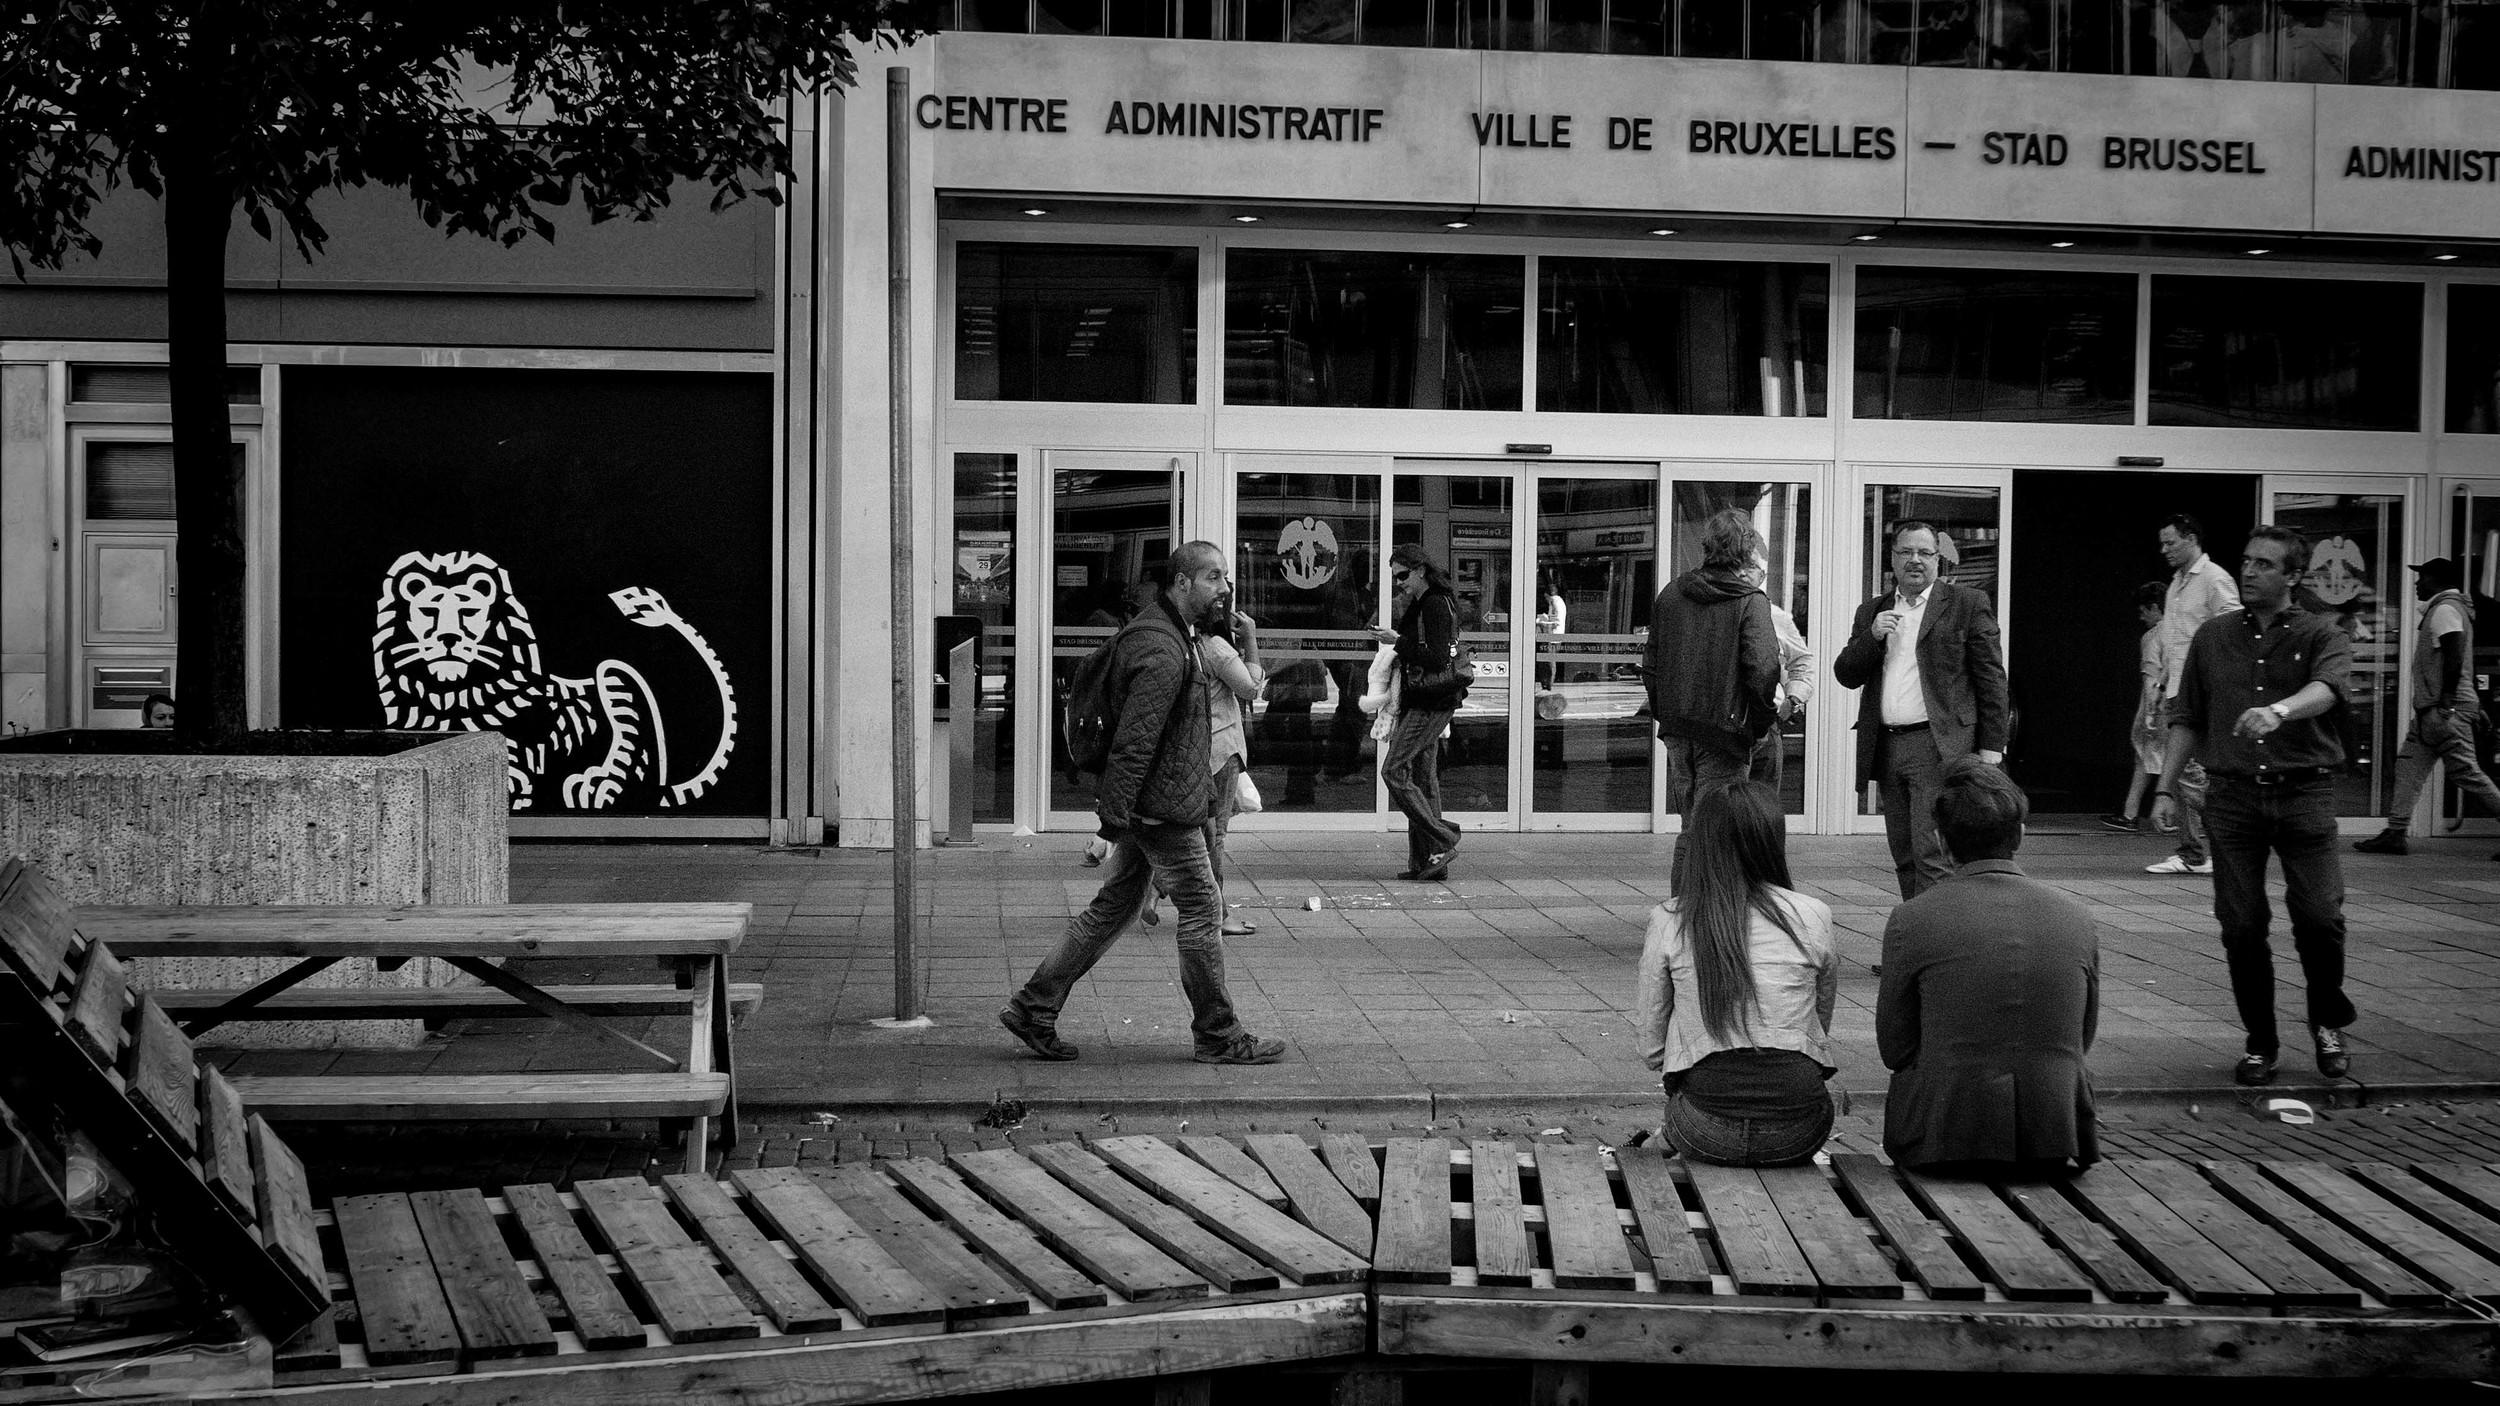 Viewfinder-straatfotografie-Brussel-eigenzinnige-fotografie-Anspachlaan-en-omgeving-man-met-uitleg